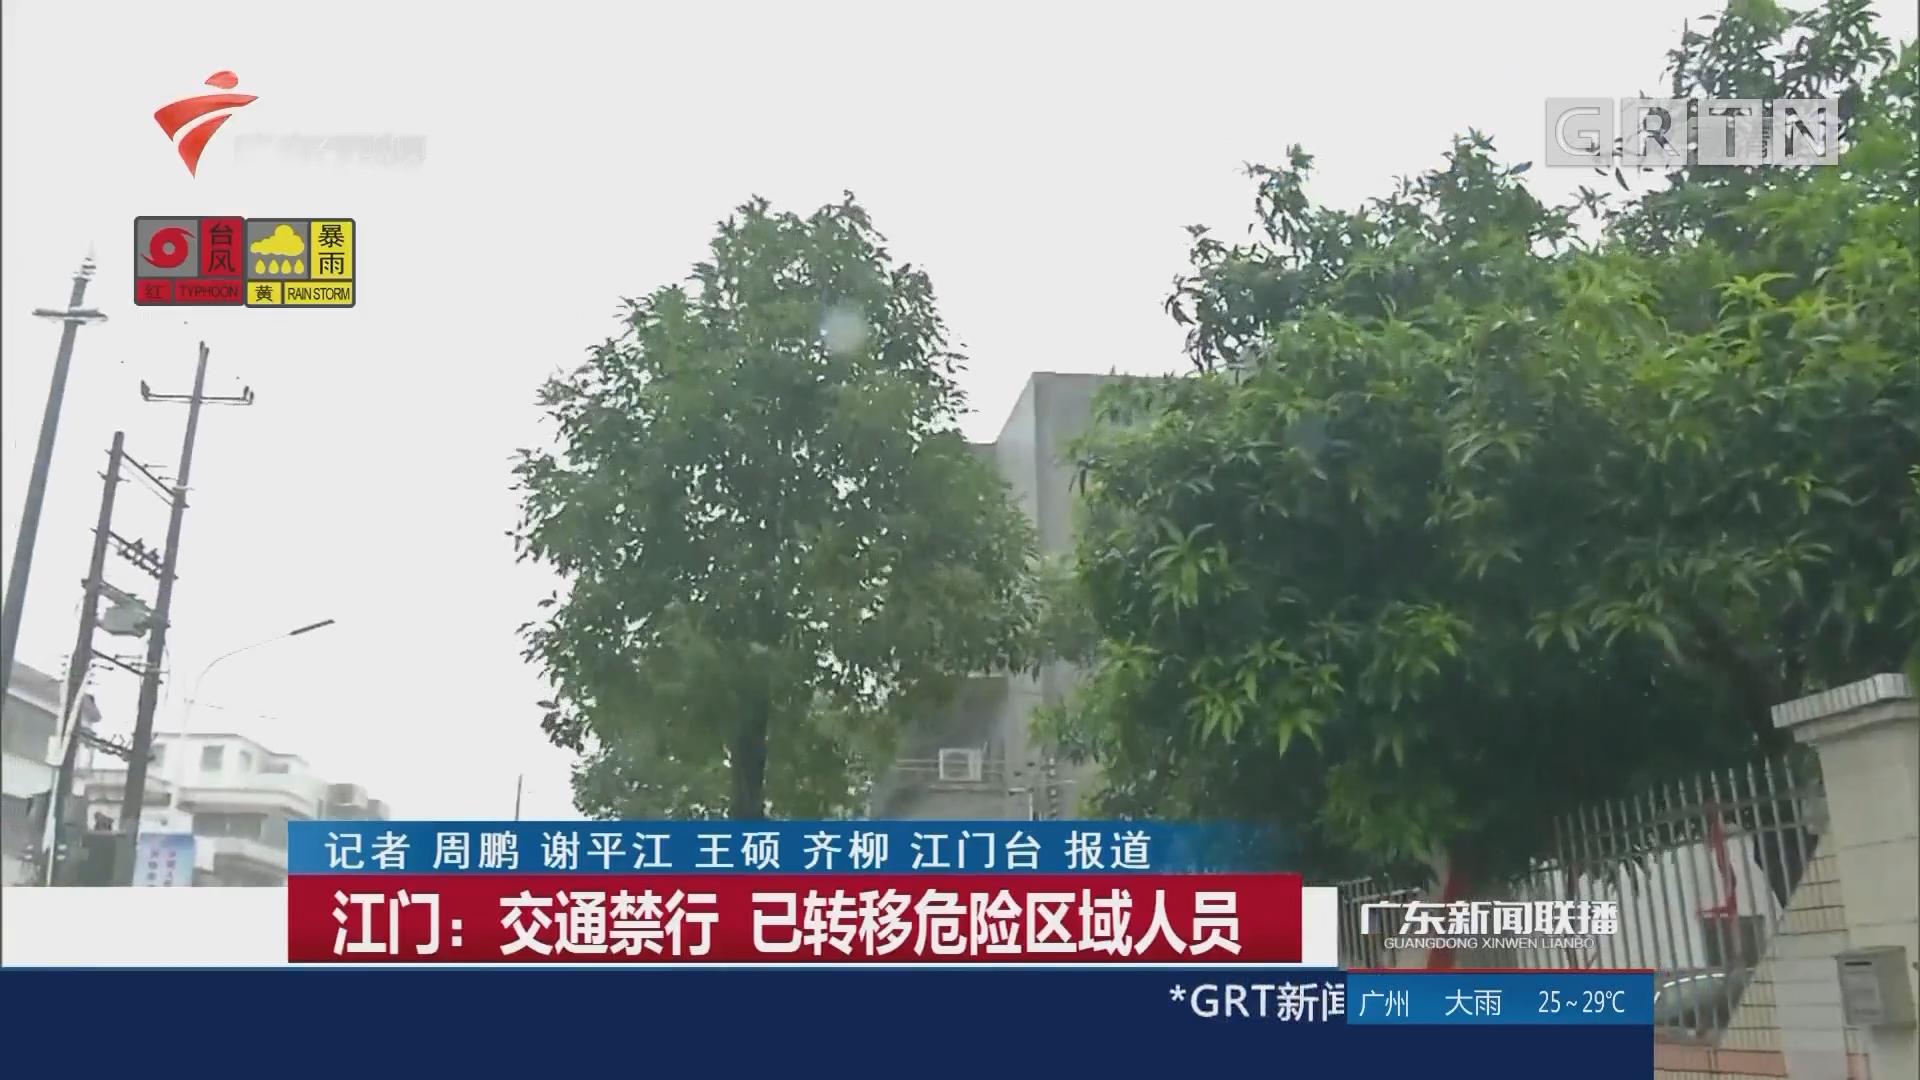 江门:交通禁行 已转移危险区域人员